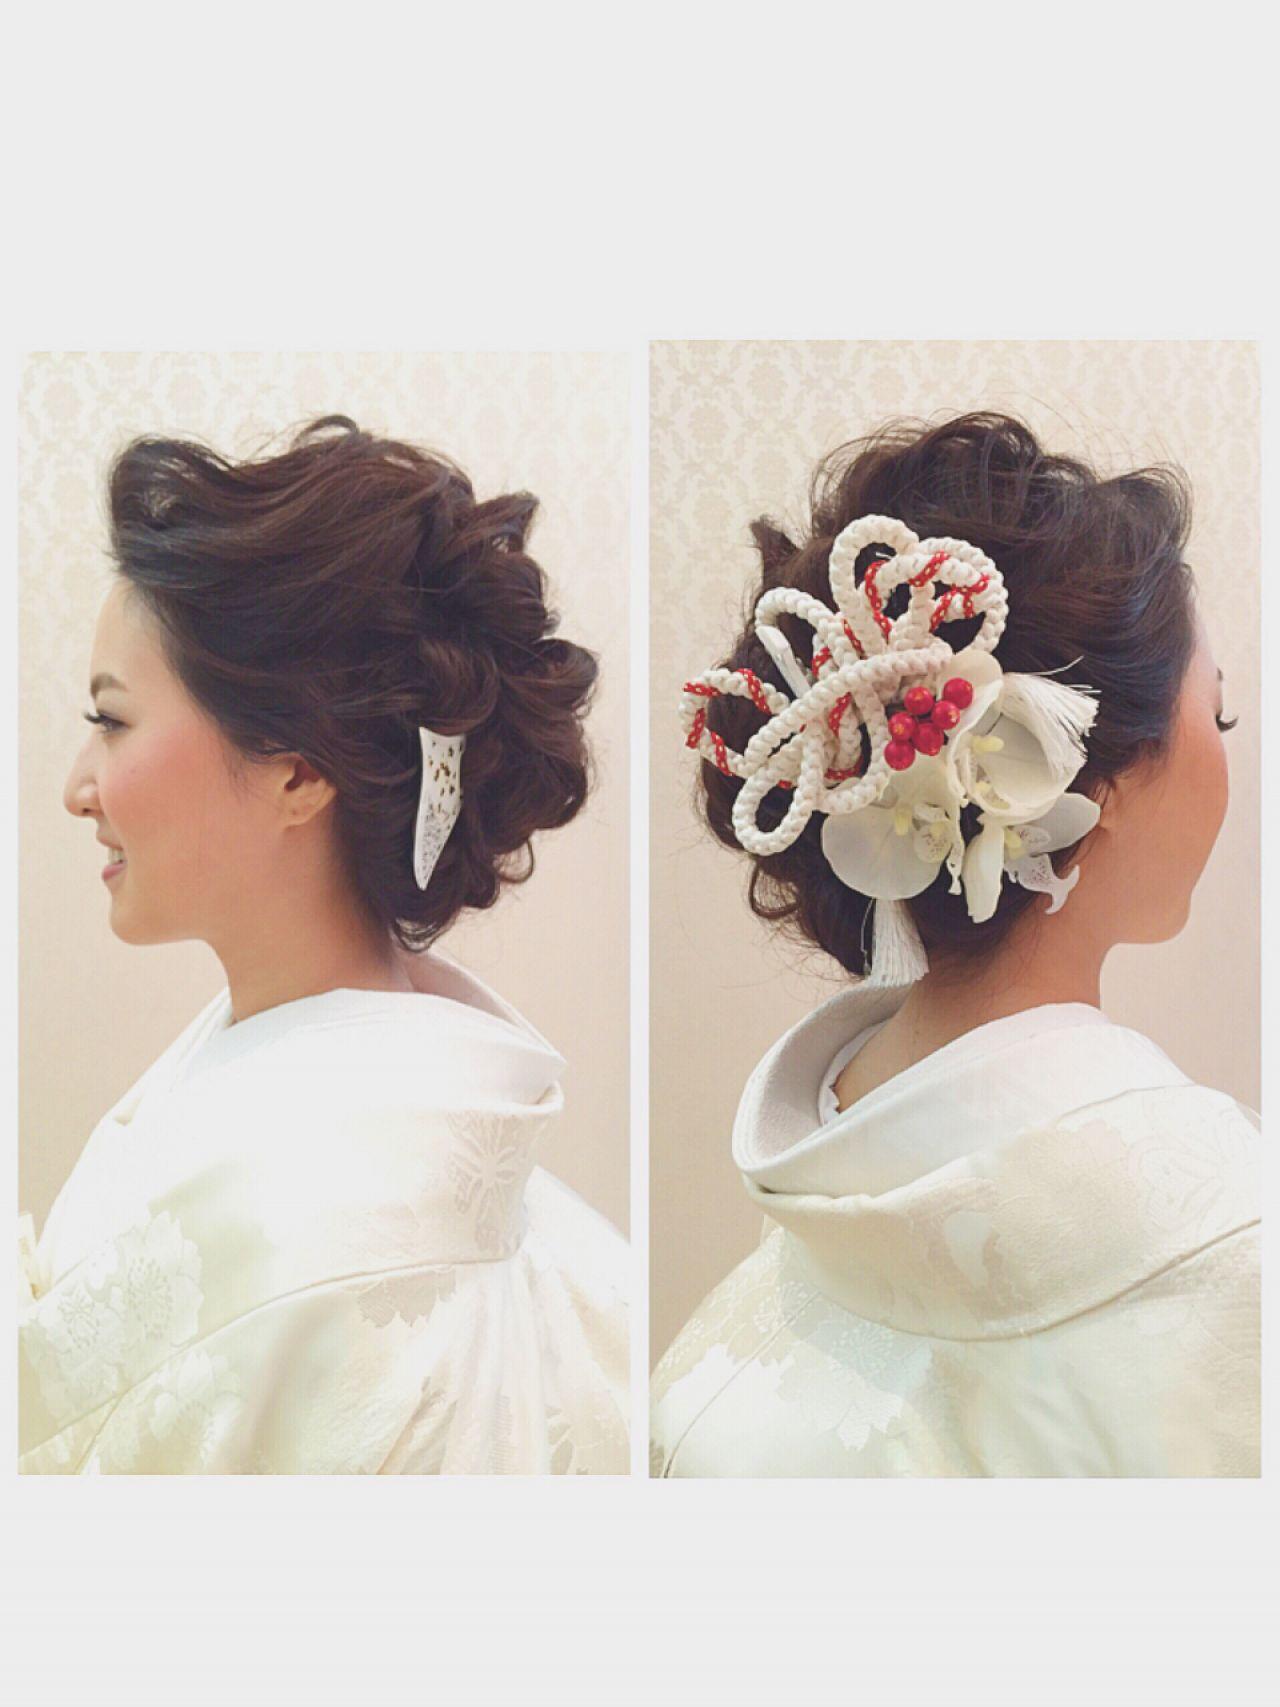 【花嫁さん向け】結婚式でアナタの魅力を最大限発揮♡ミディアム髪型アレンジ 池内えり